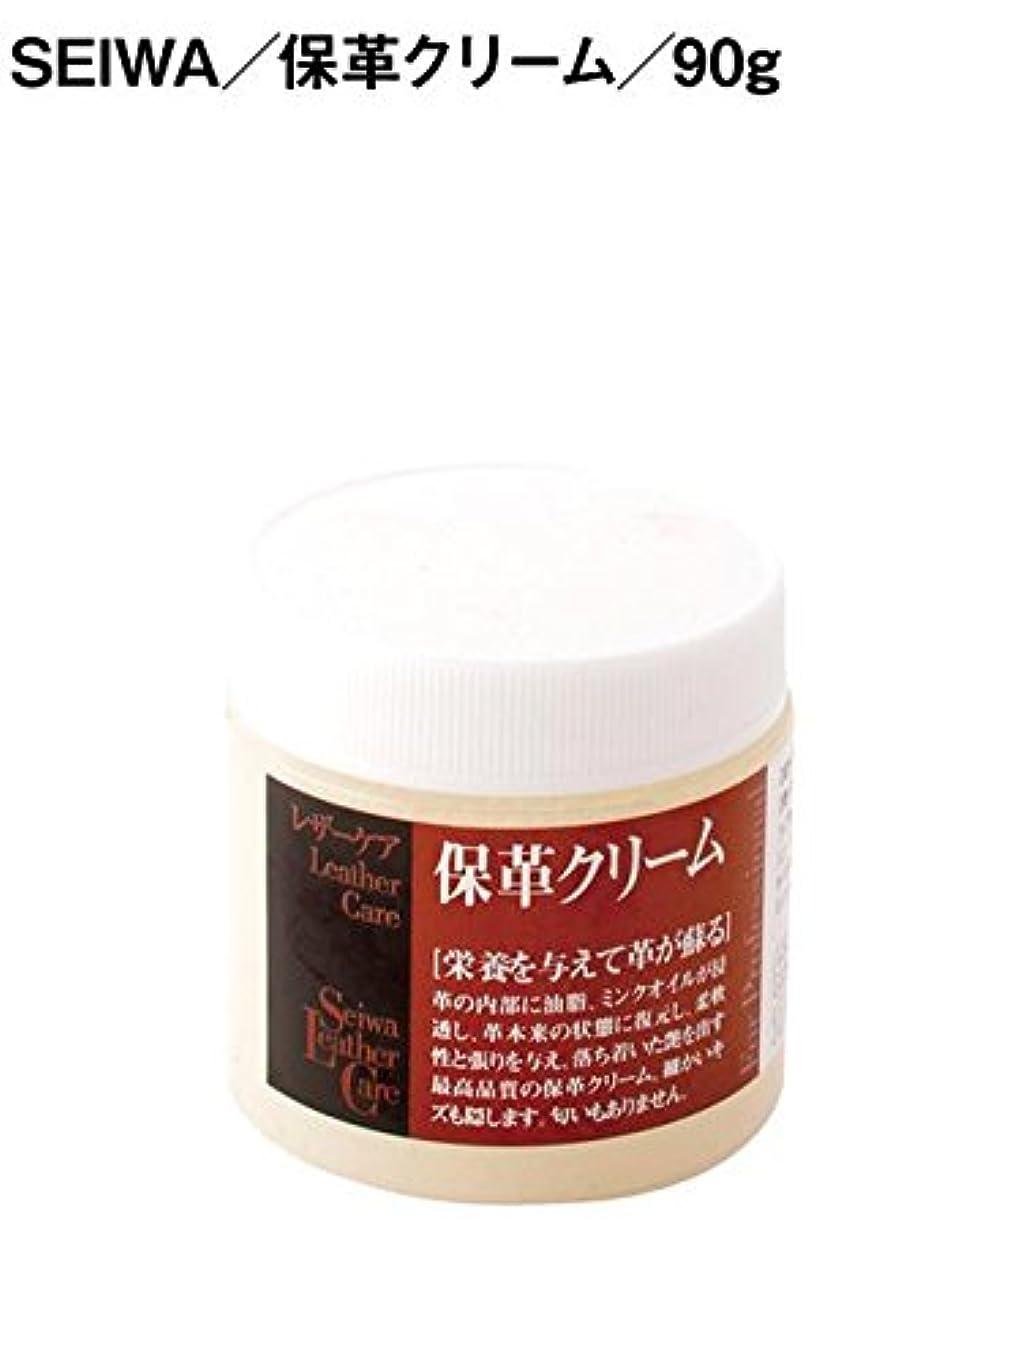 回復気づく十分に誠和(SEIWA)/保革クリーム/90g